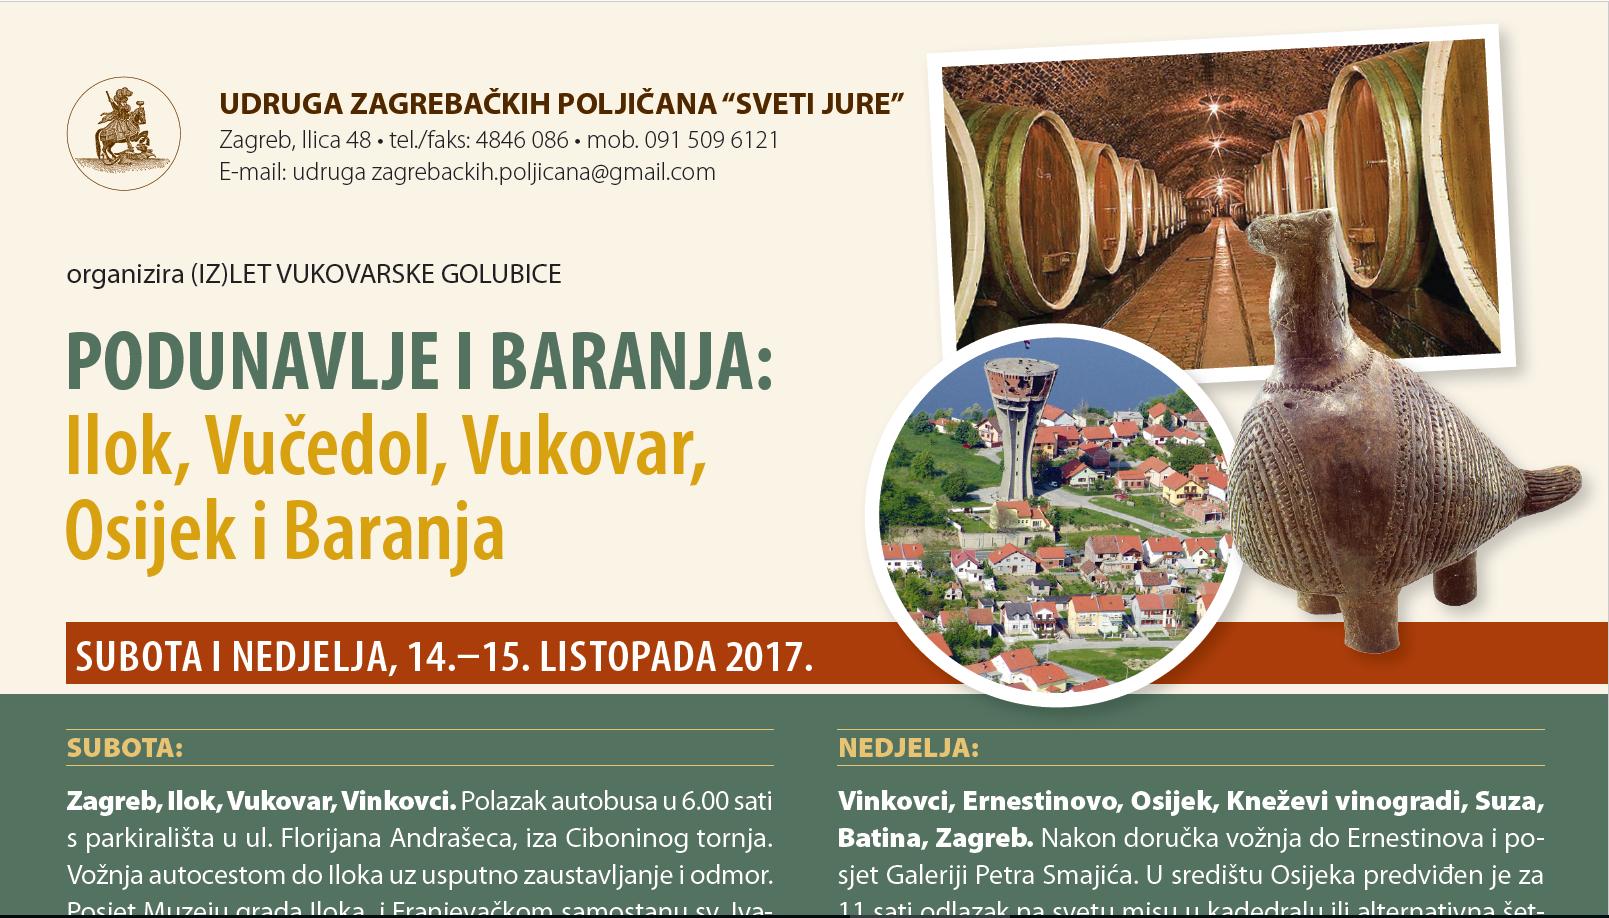 Udruga Zagrebackih Poljicana Poziva Na Izlet